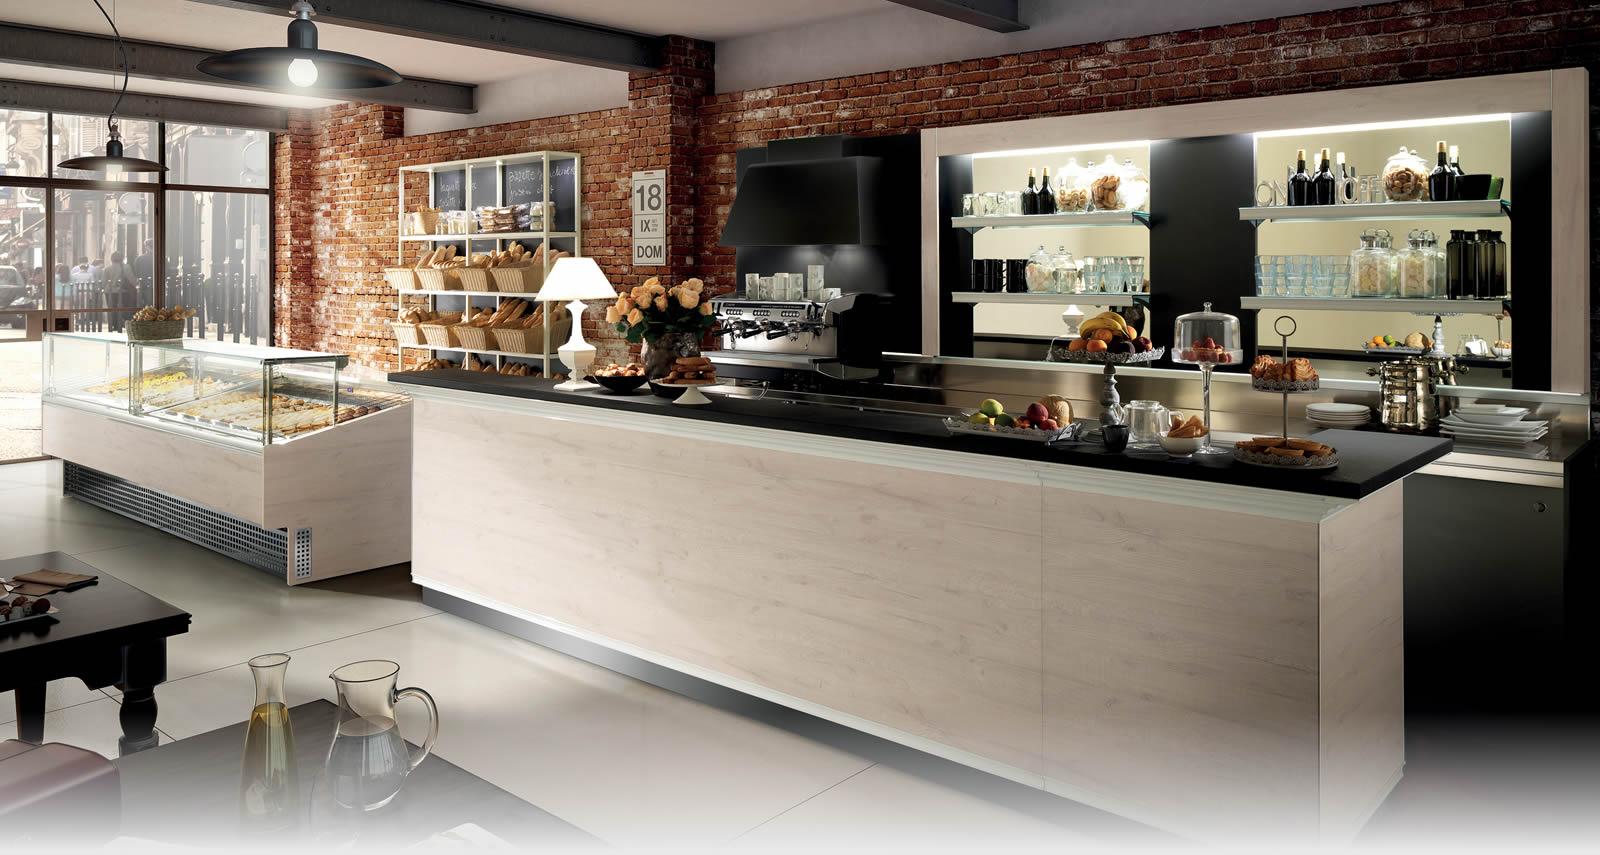 Arredo bar e negozi torino arredamenti sumisura for Gurlino arredamenti torino